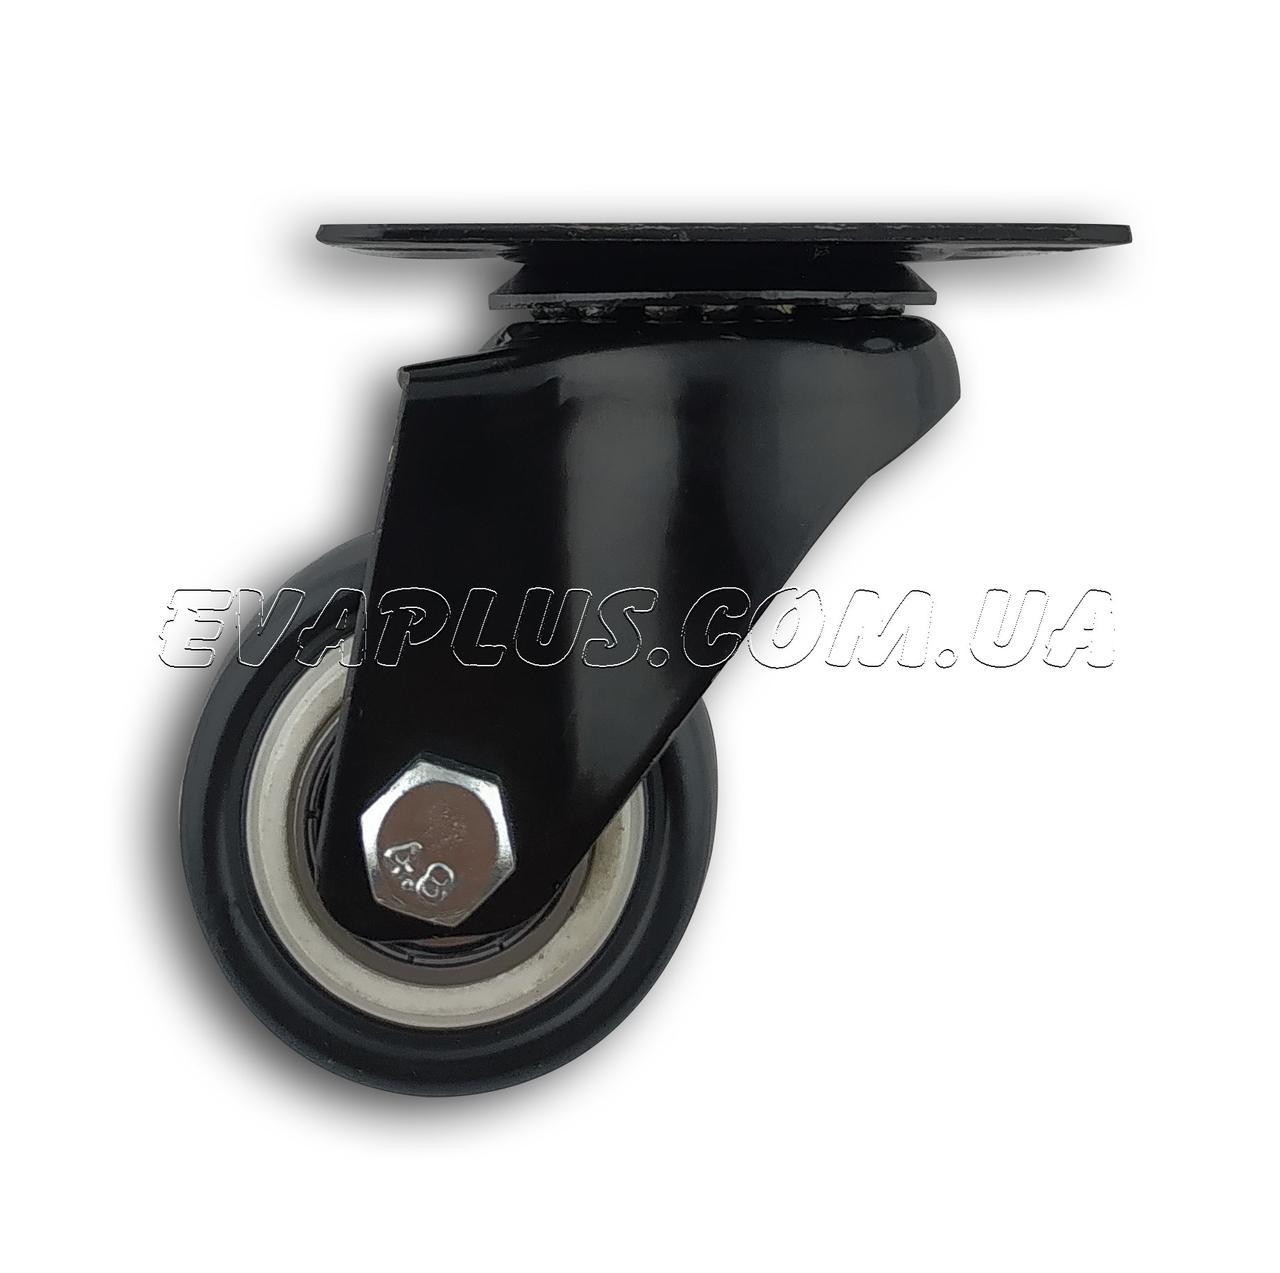 Поворотное колесо 50 мм в металлическом корпусе на платформе